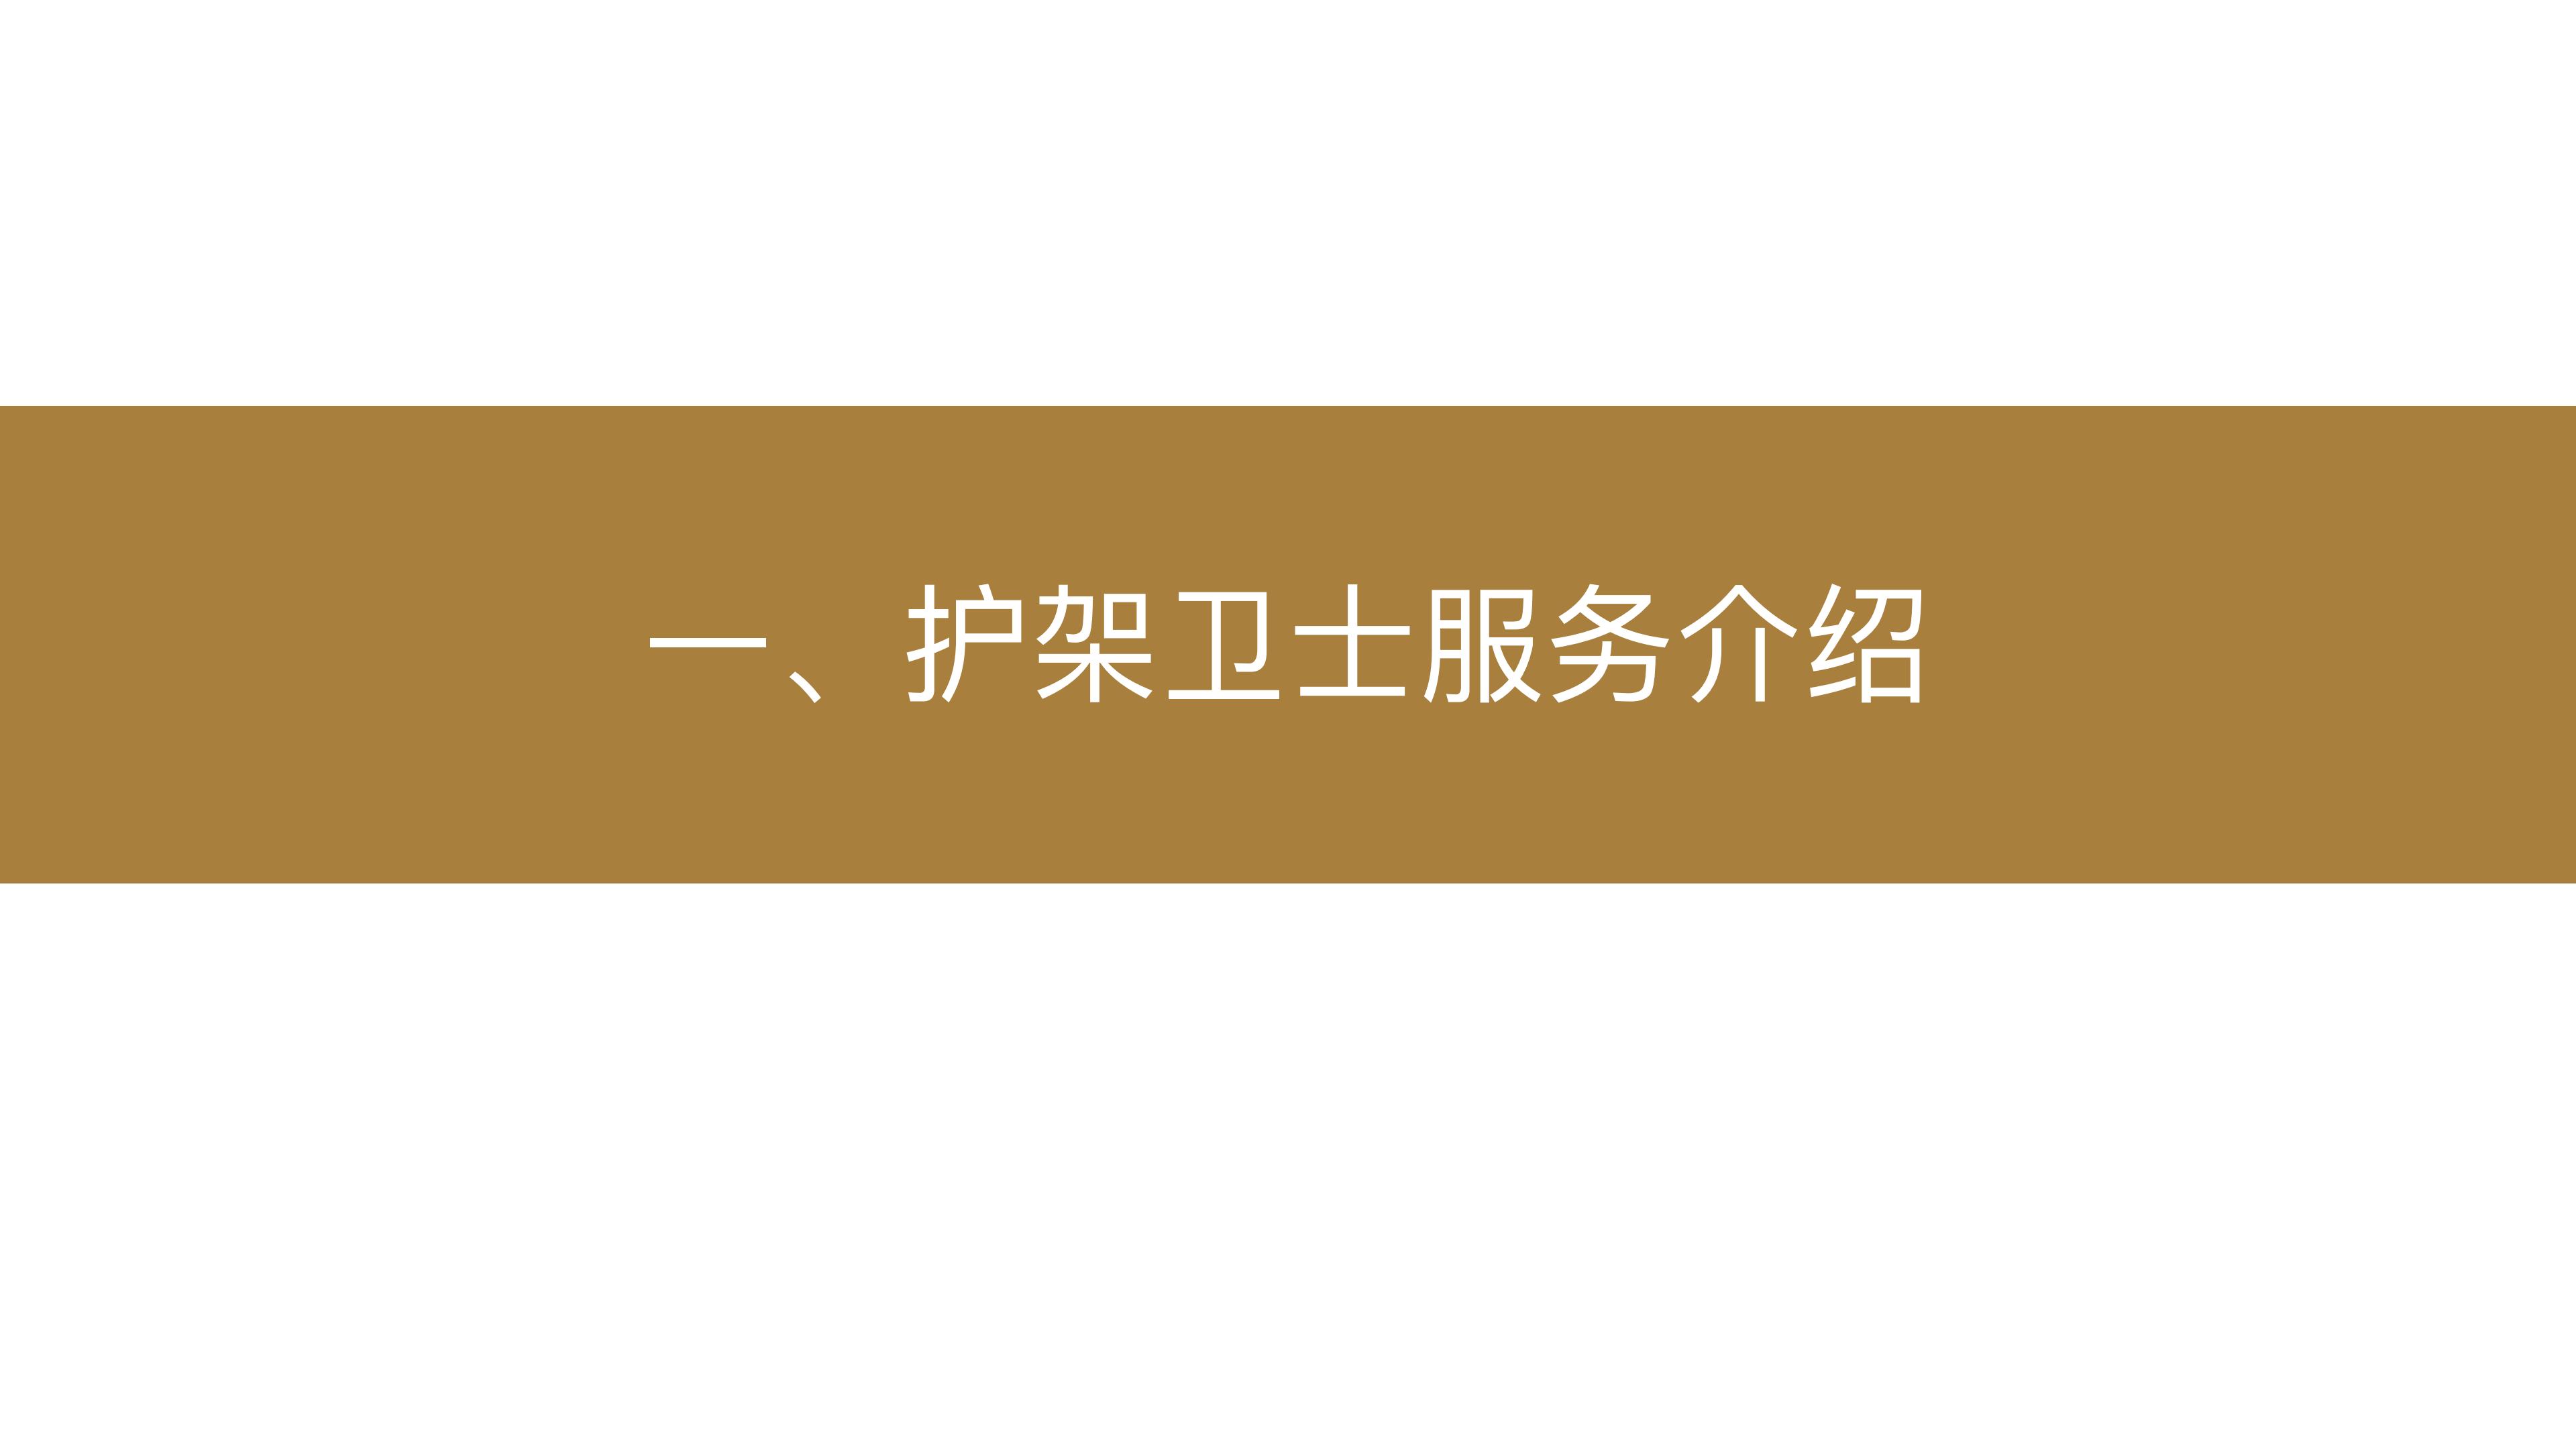 护架卫士产品介绍1.2_04.png